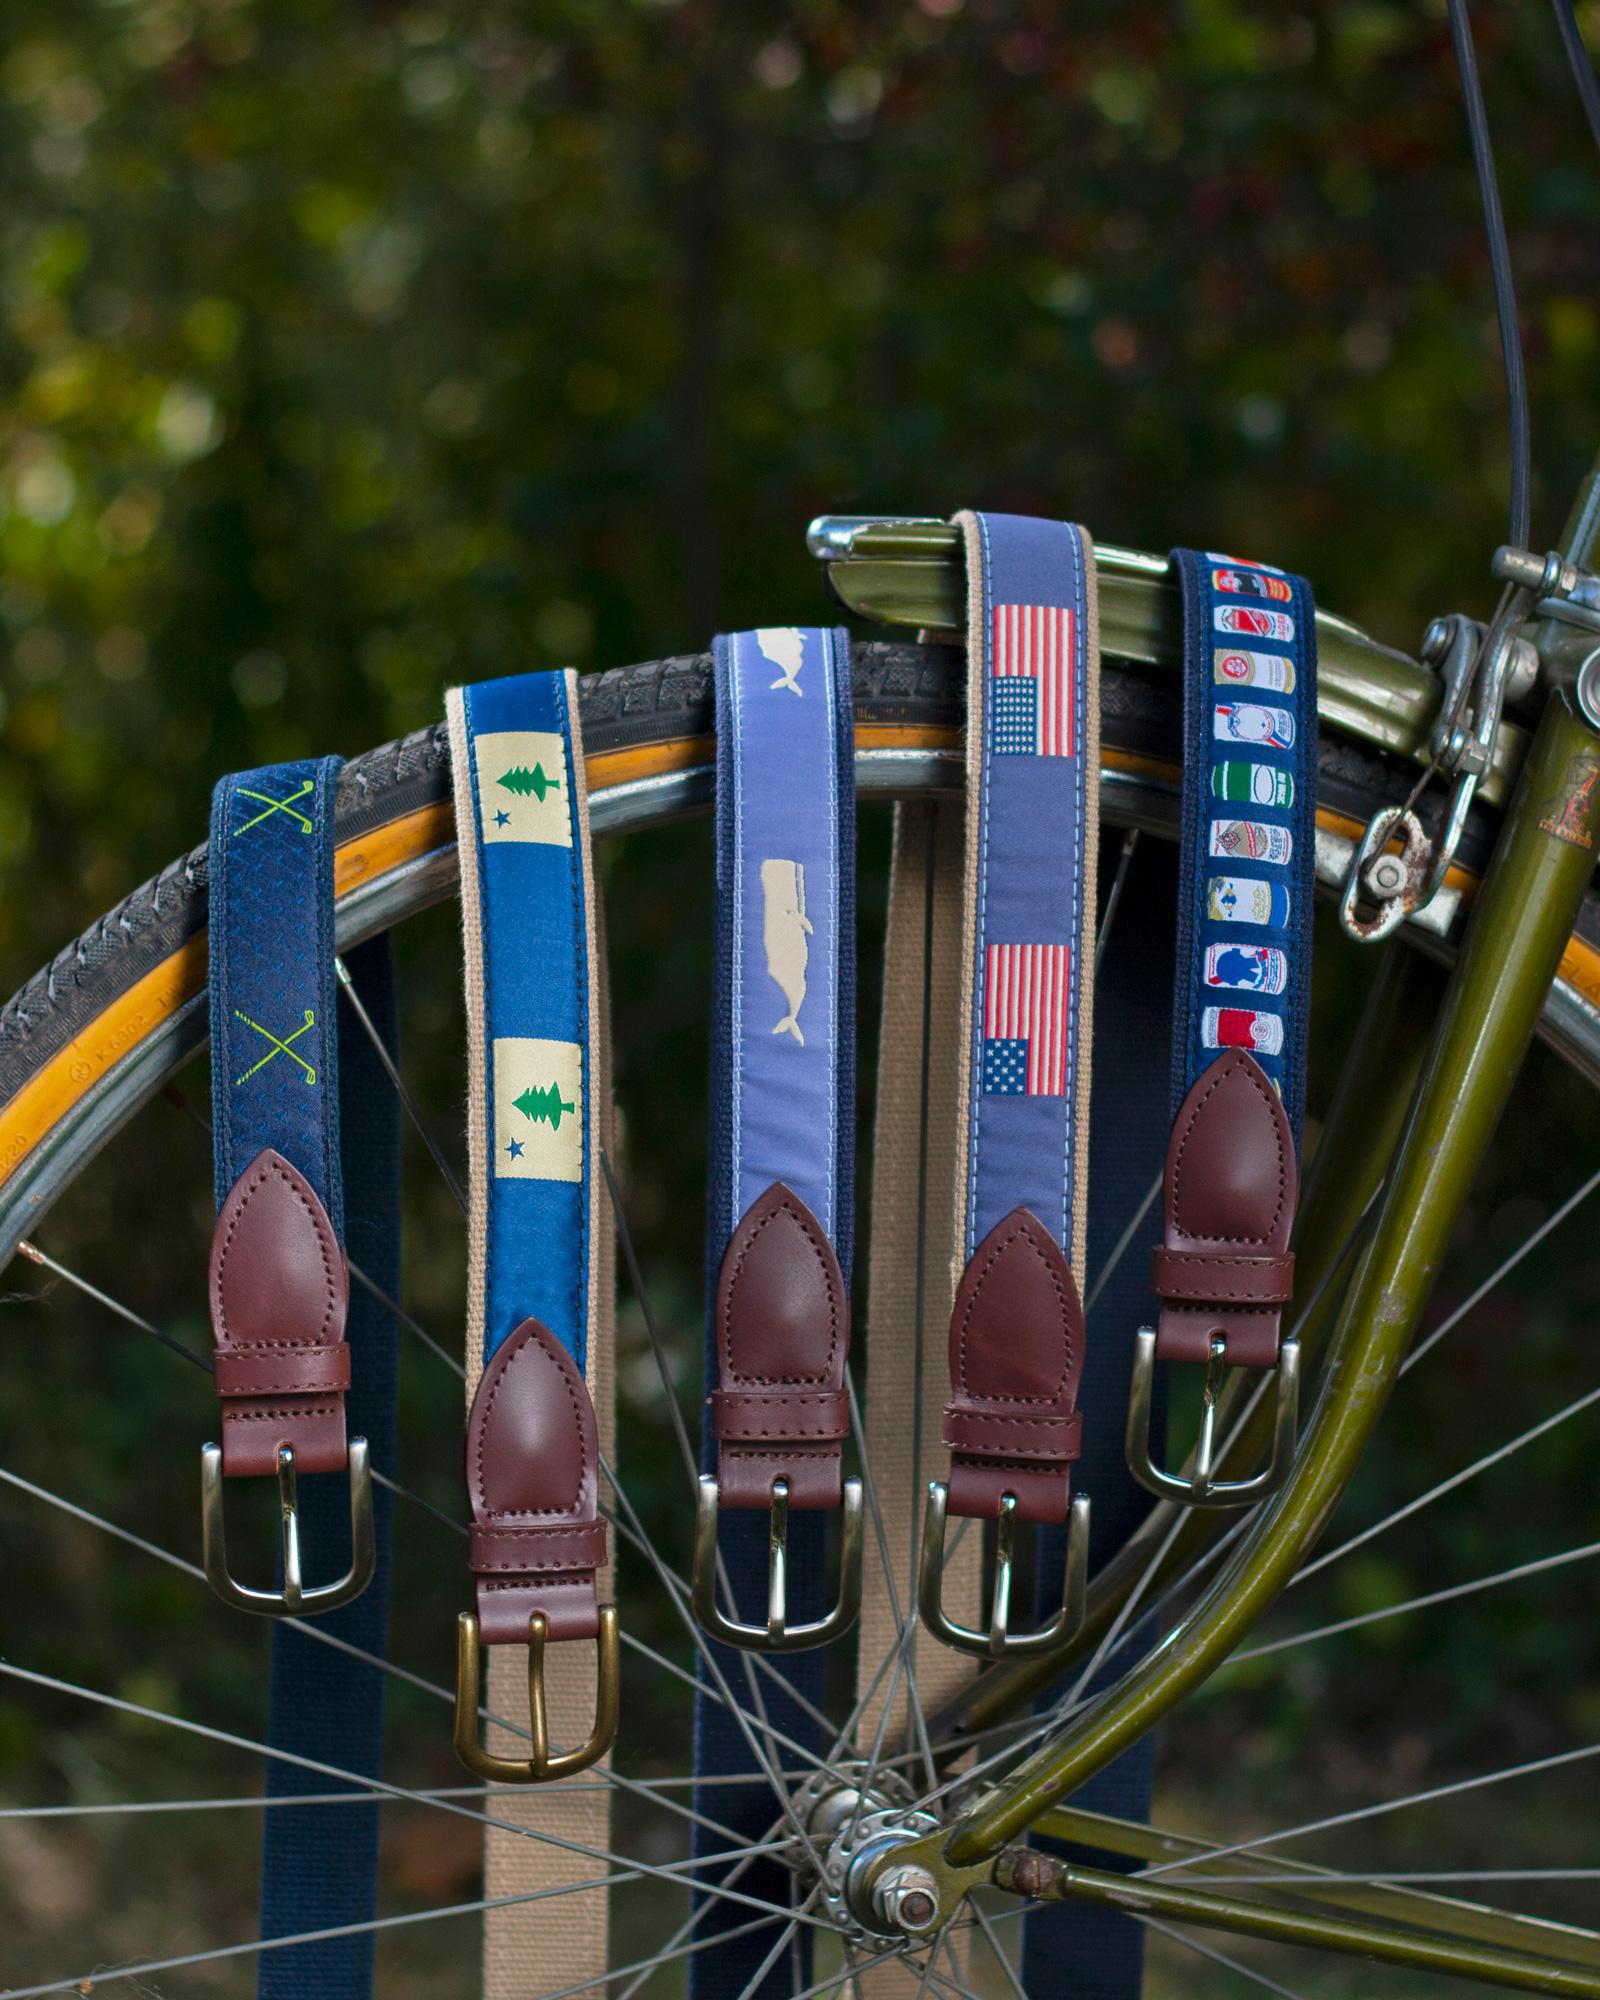 Belts laying on Bike